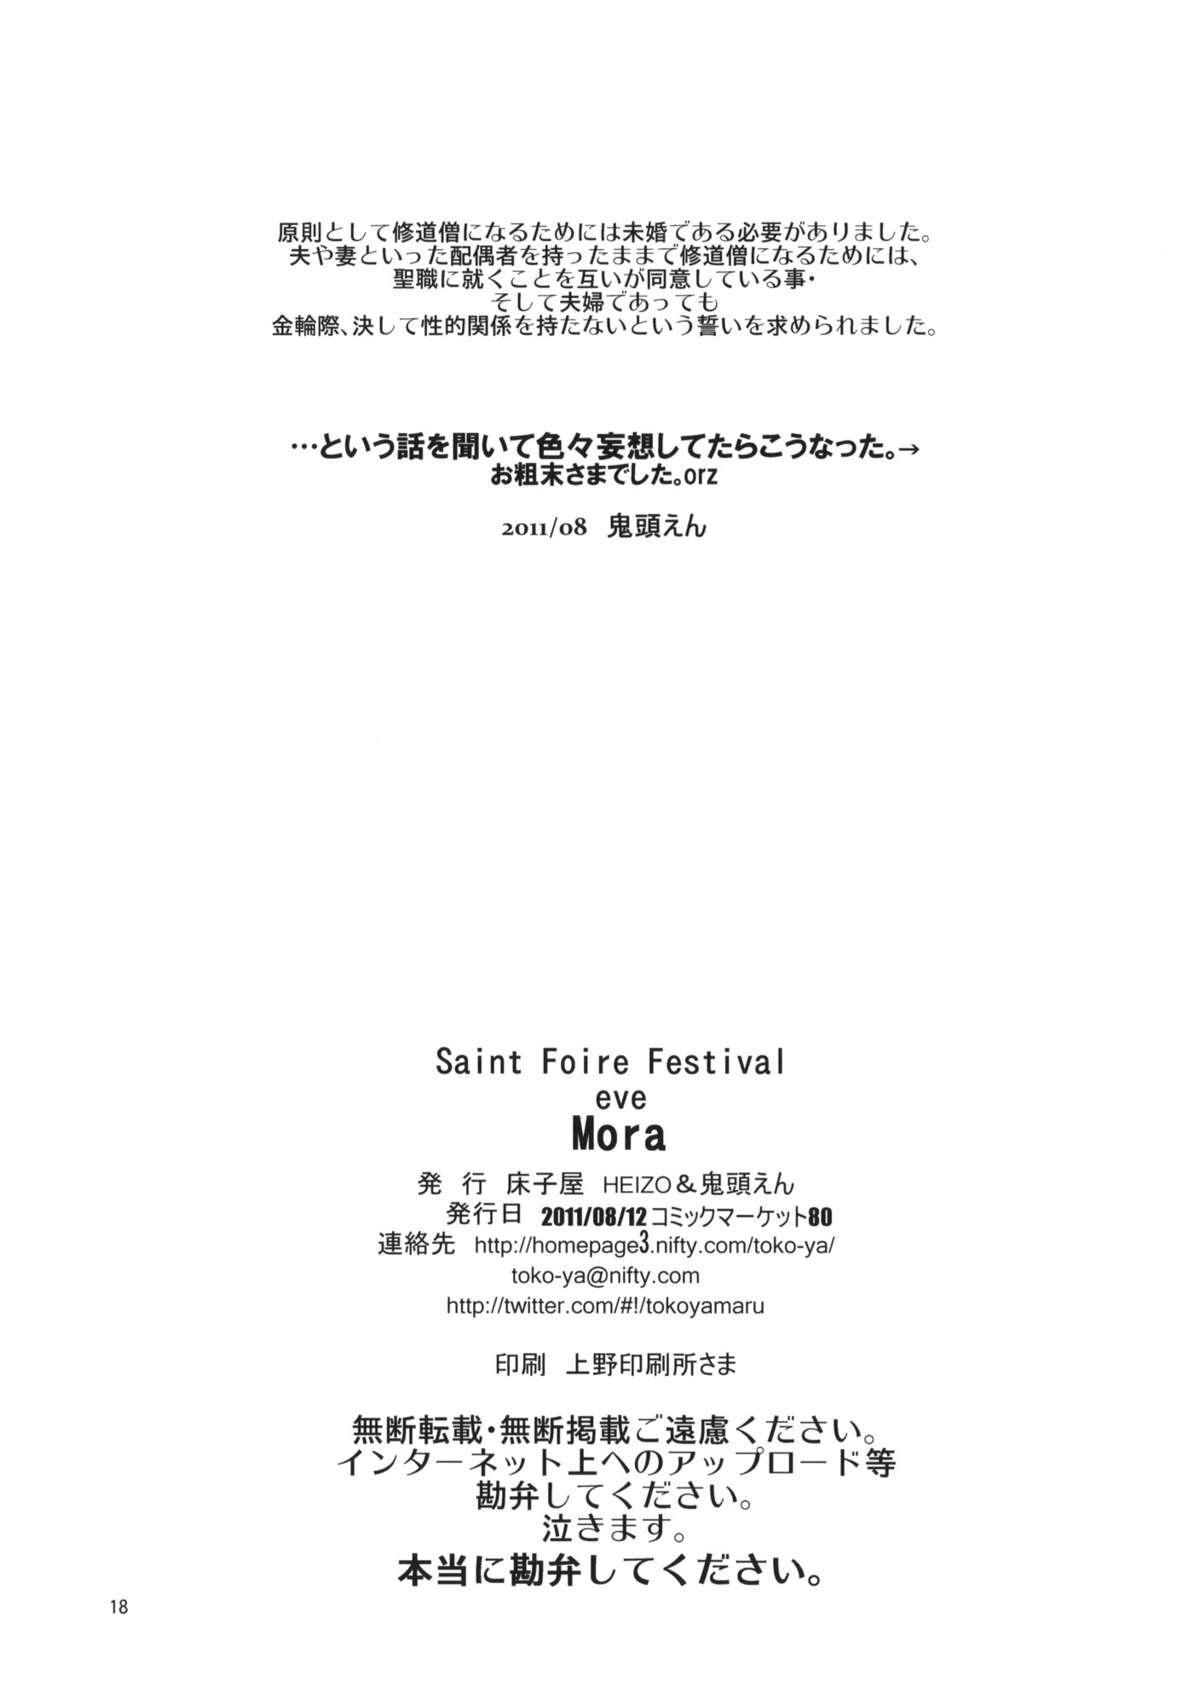 Saint Foire Festival eve - Mora 16